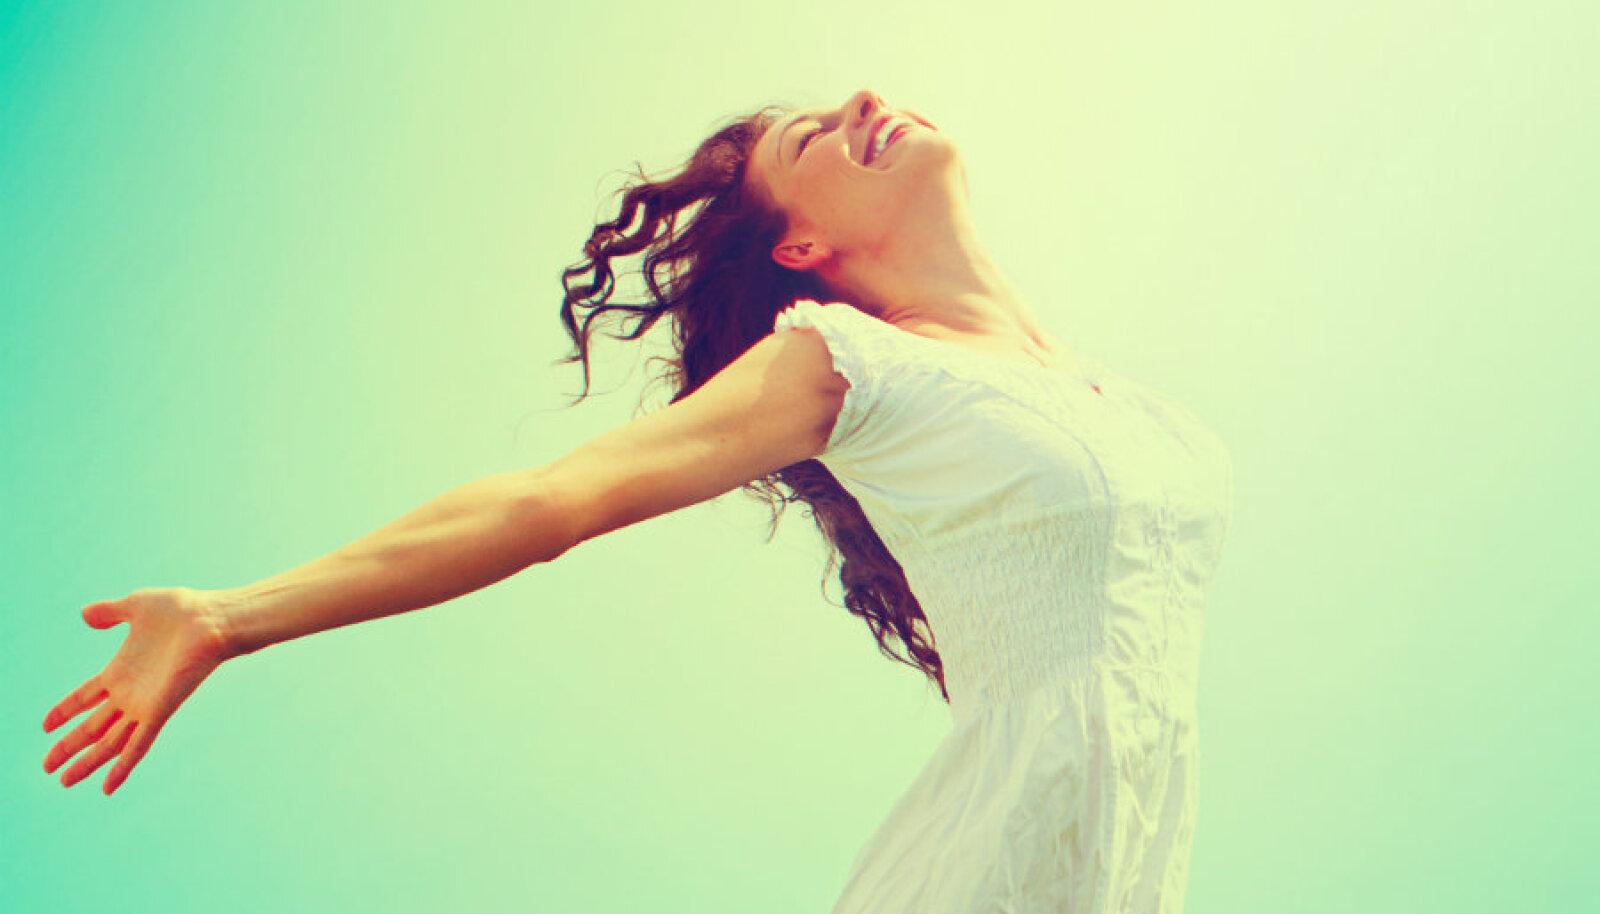 Elu usaldamine teeb elamise kergemaks ja õnnelikumaks